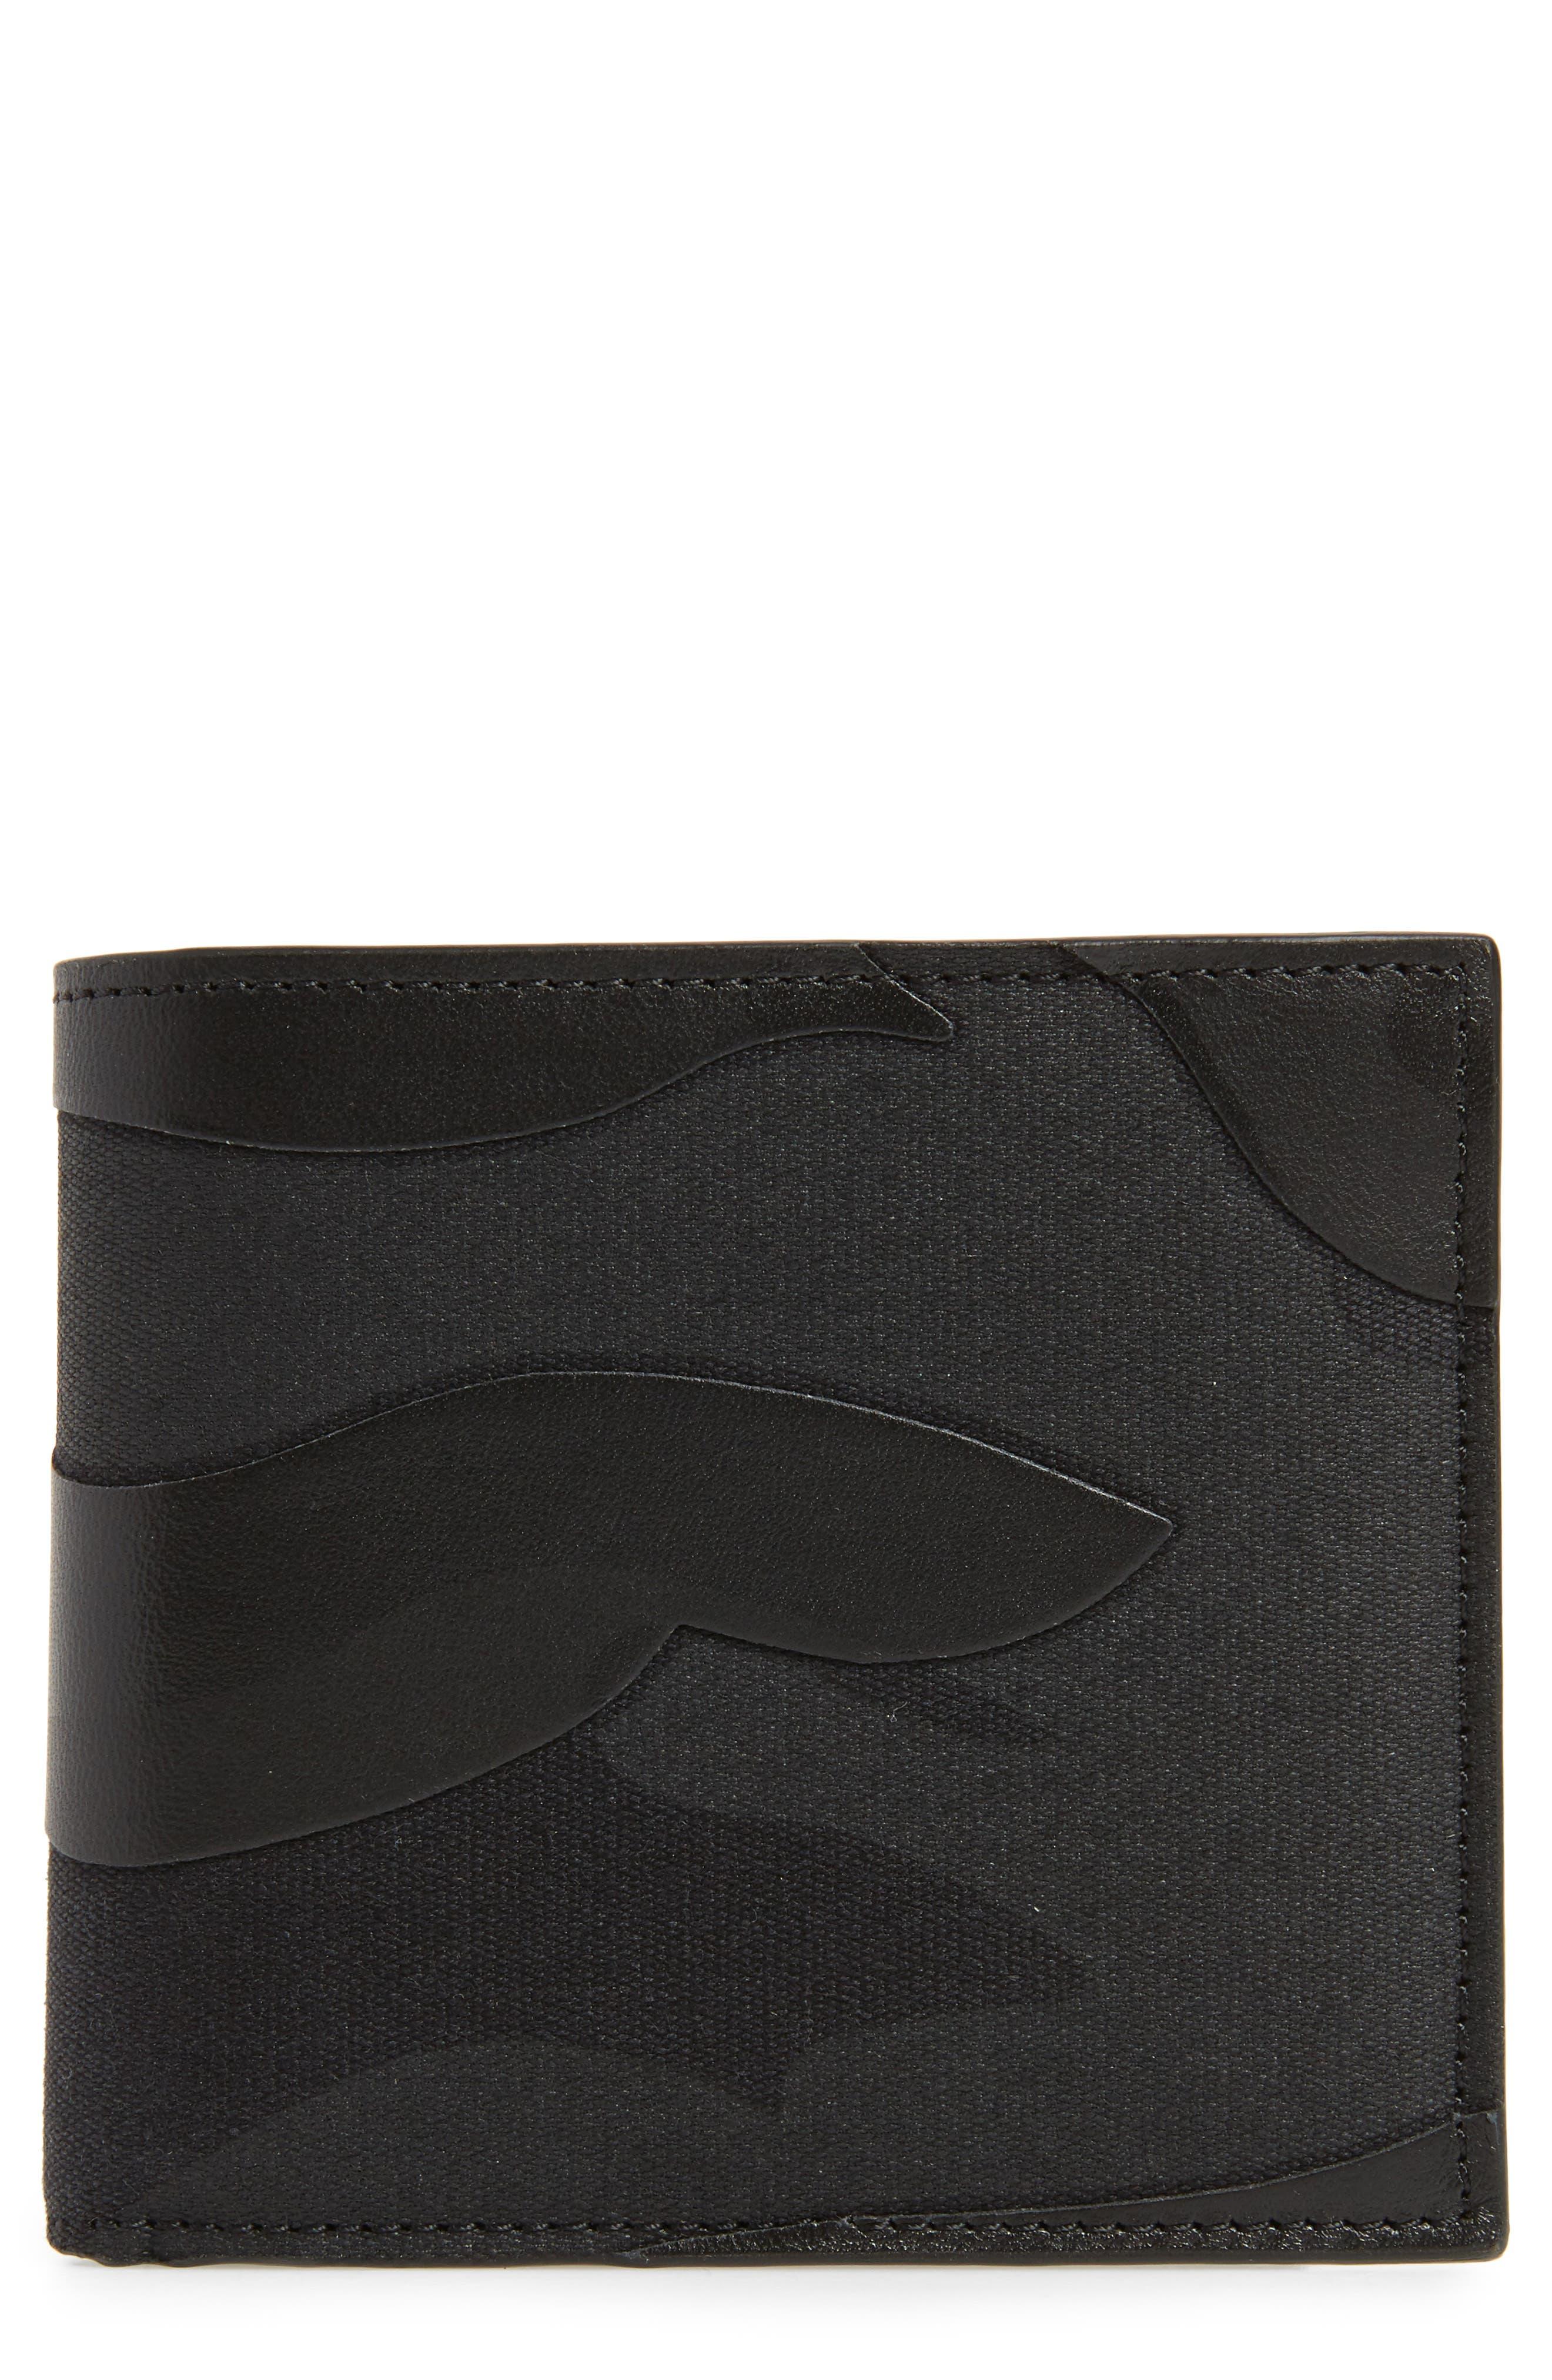 VALENTINO GARAVANI Camo Wallet